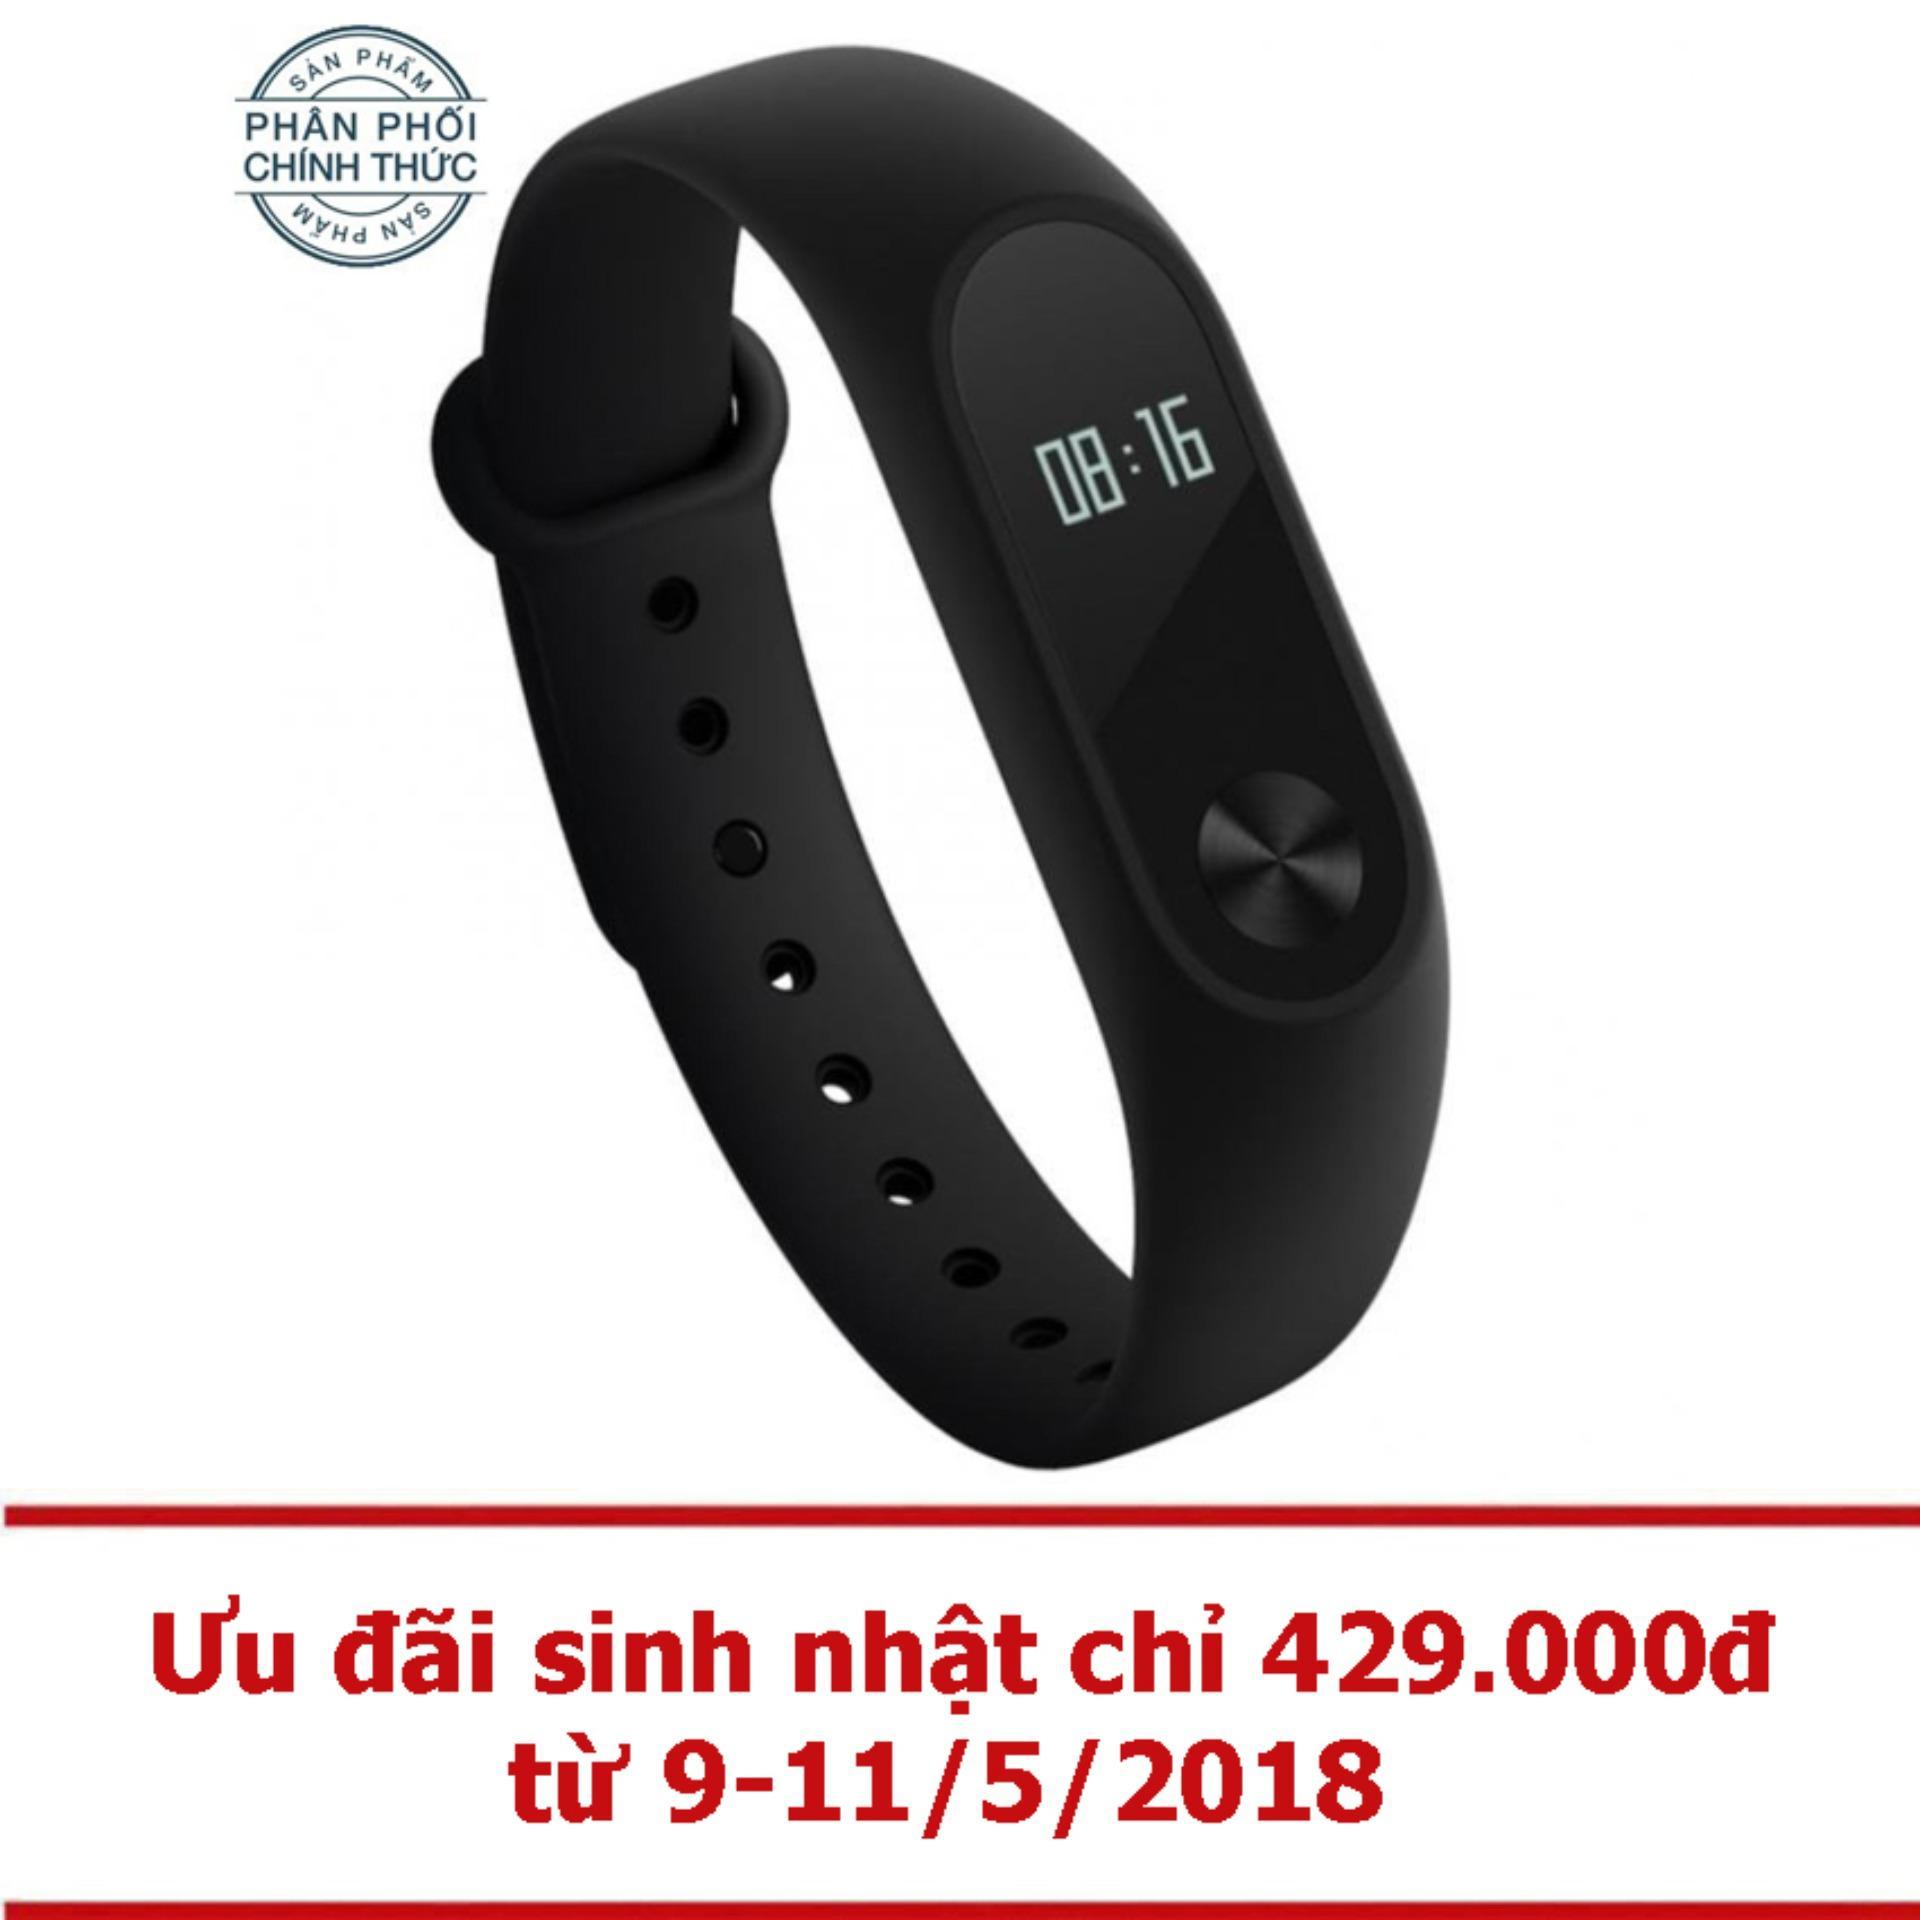 Giá Bán Vong Đeo Tay Xiaomi Miband 2 Đen Hang Phan Phối Chinh Thức Trực Tuyến Hồ Chí Minh